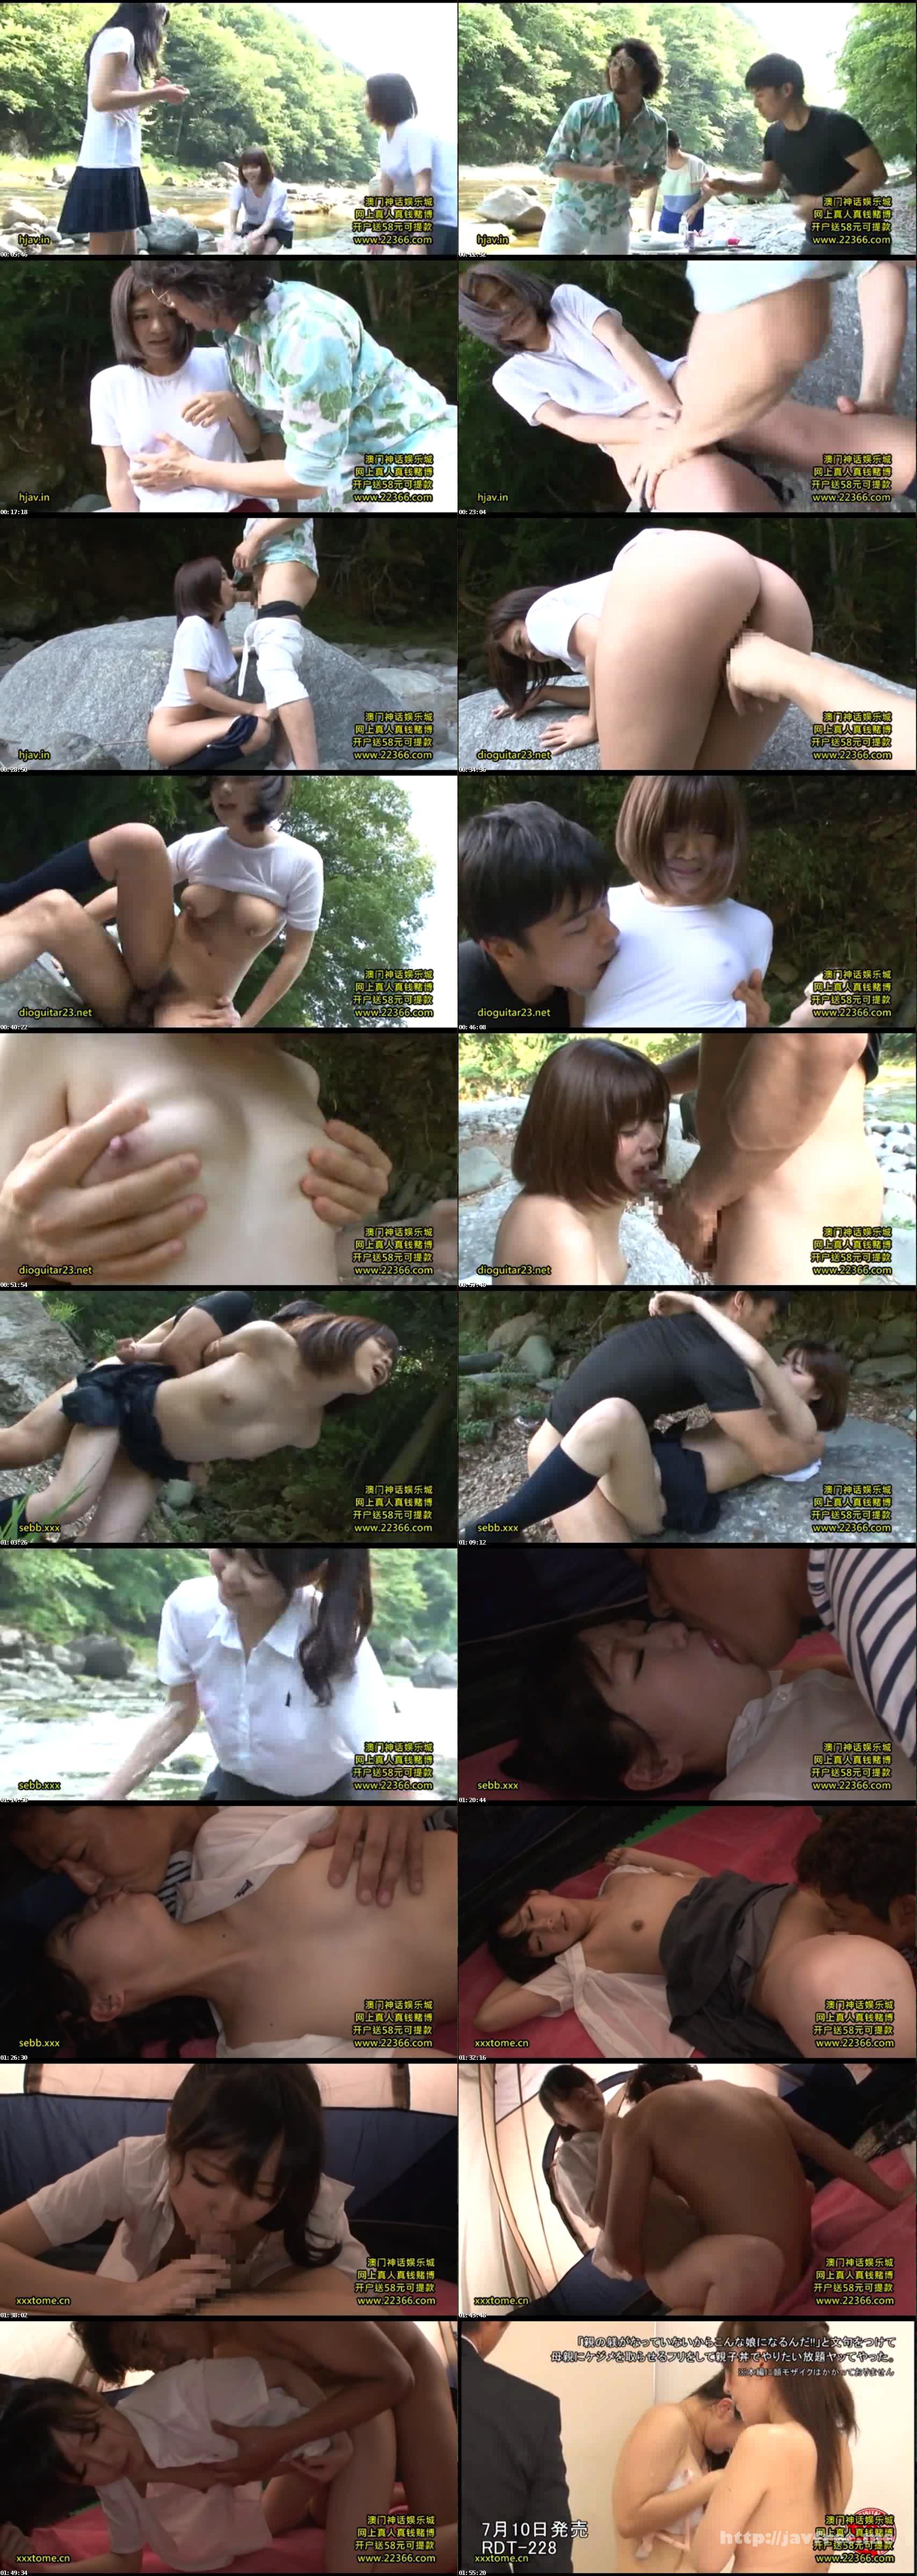 [RTP 054] 田舎の純真な女子校生が服を脱ぐのも忘れてズブ濡れになっているおふざけ姿が予想以上に色々エロく見えてきたので…2 RTP